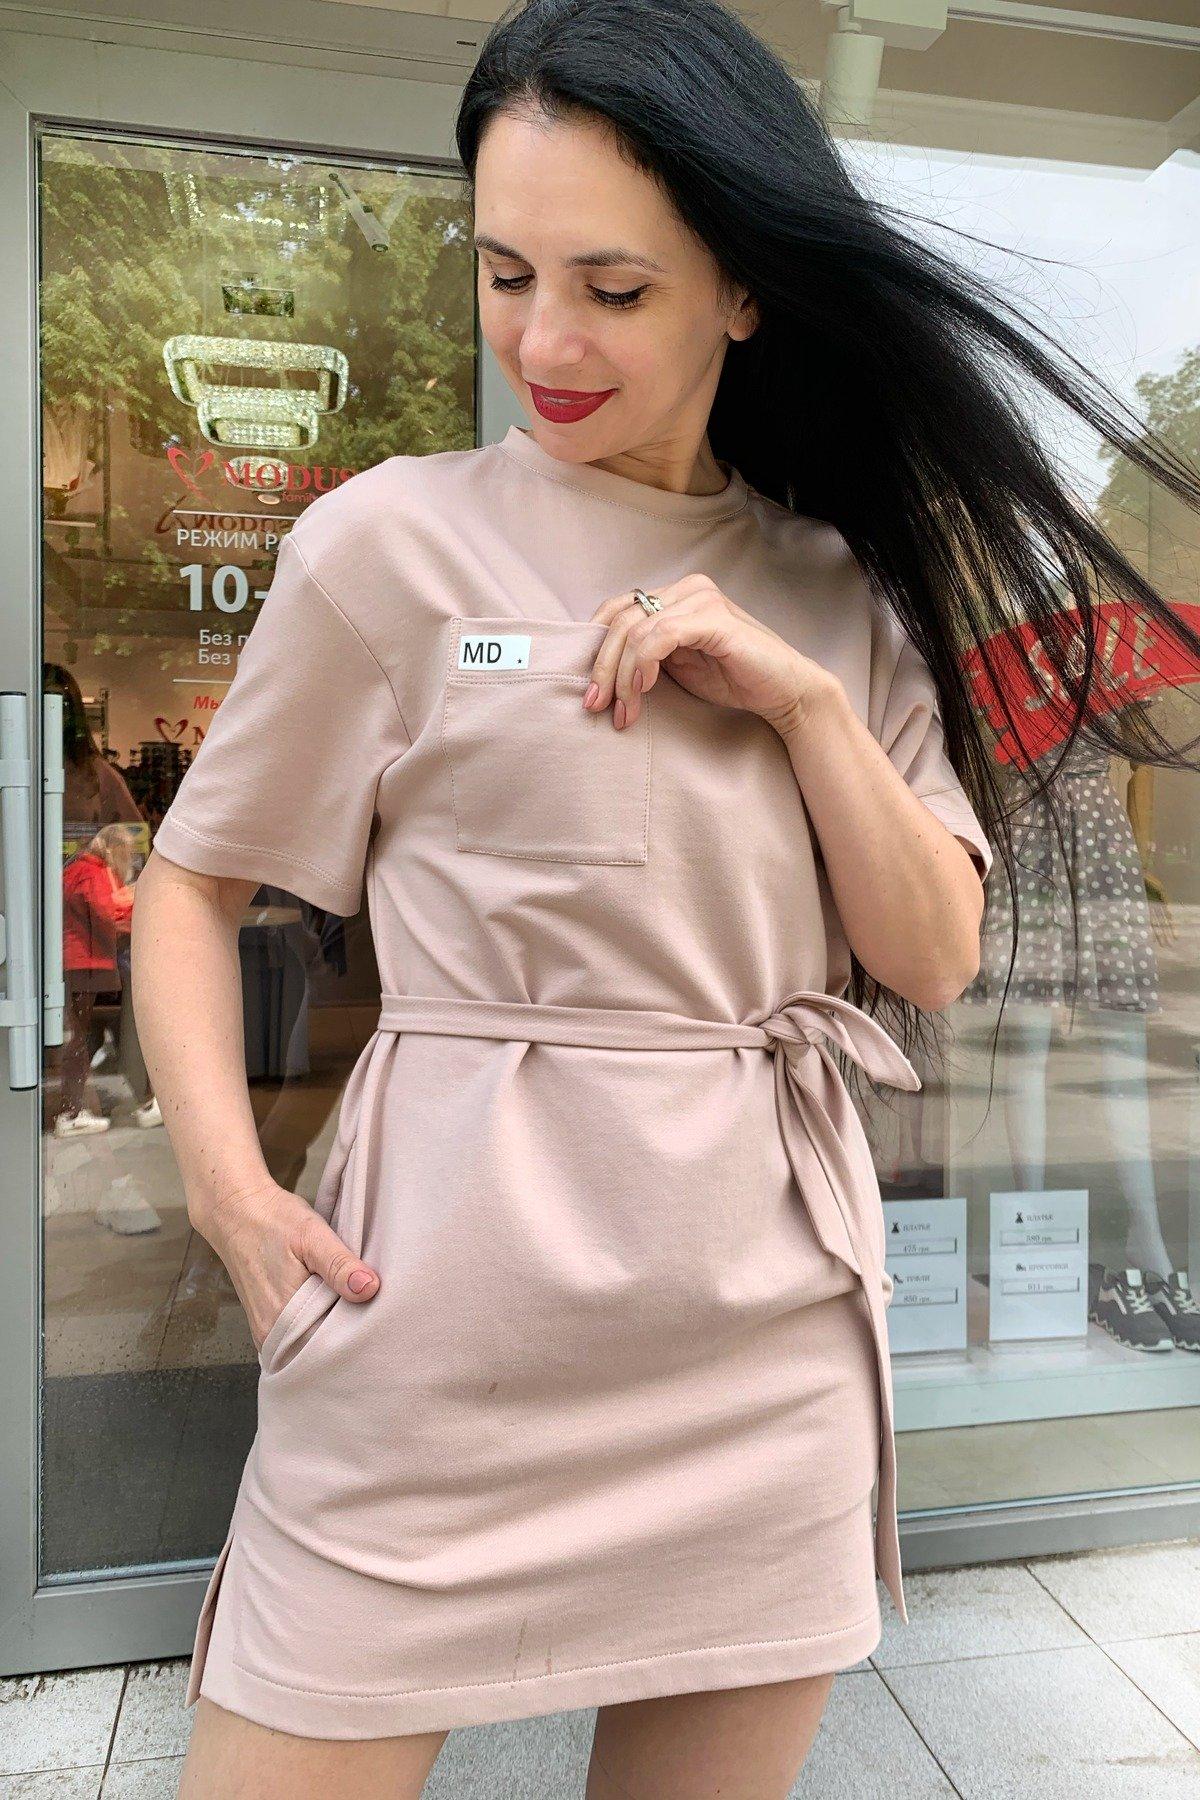 Платье Джома 9273 АРТ. 45614 Цвет: Бежевый - фото 3, интернет магазин tm-modus.ru